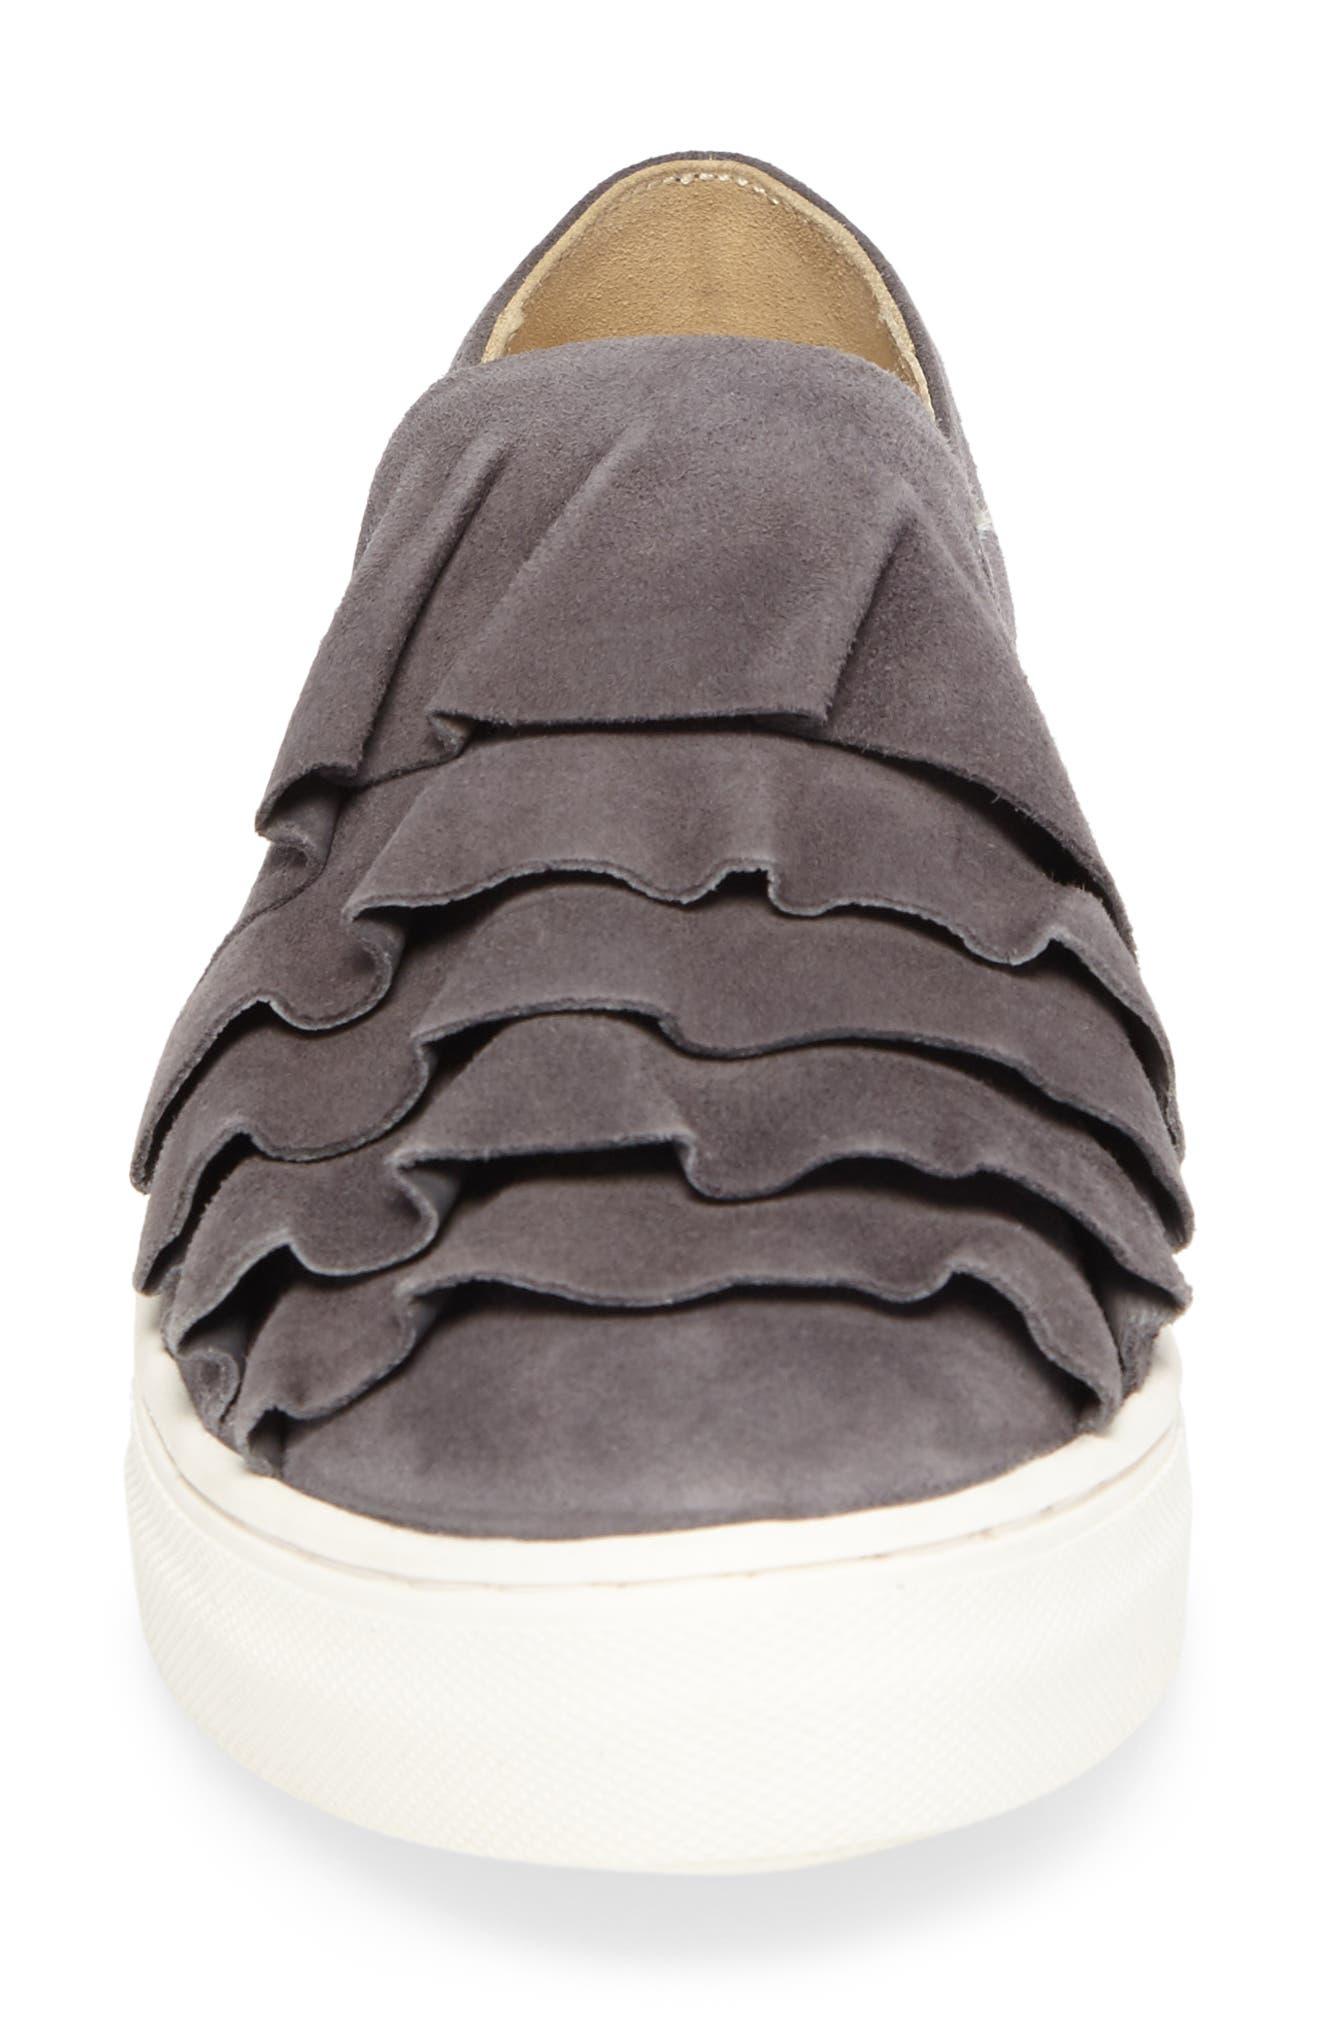 Quake Slip-On Sneaker,                             Alternate thumbnail 4, color,                             020